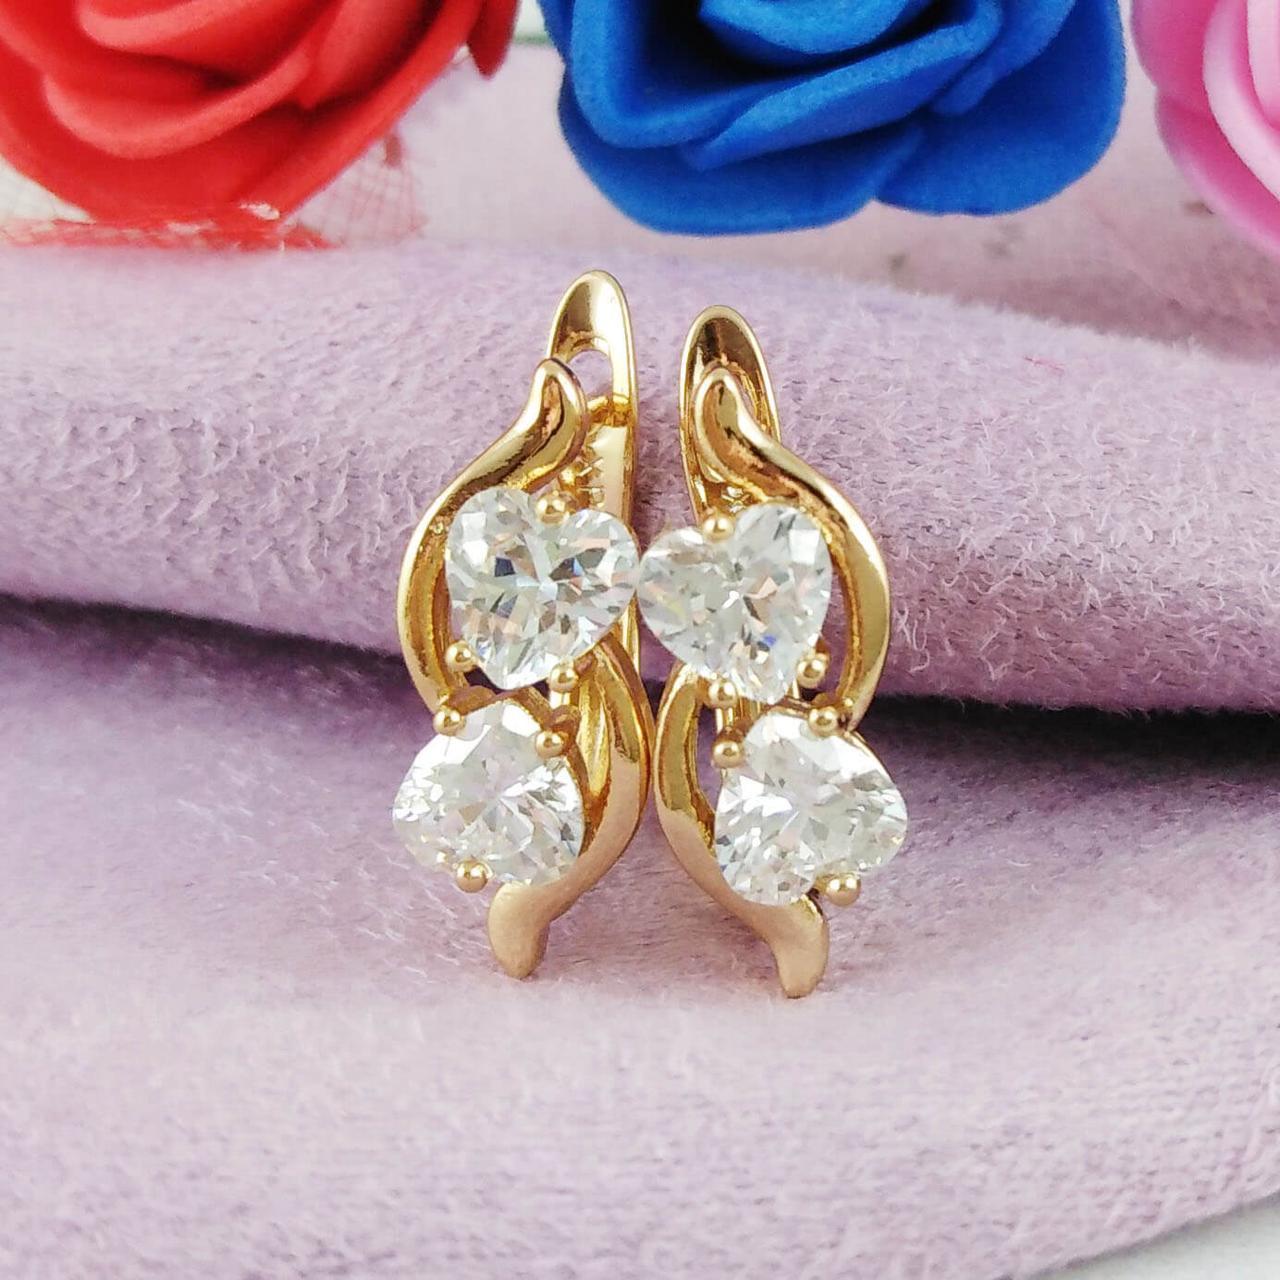 Серьги Xuping Jewelry Кристальные сердечки медицинское золото позолота 18К английский замок А/В 5768